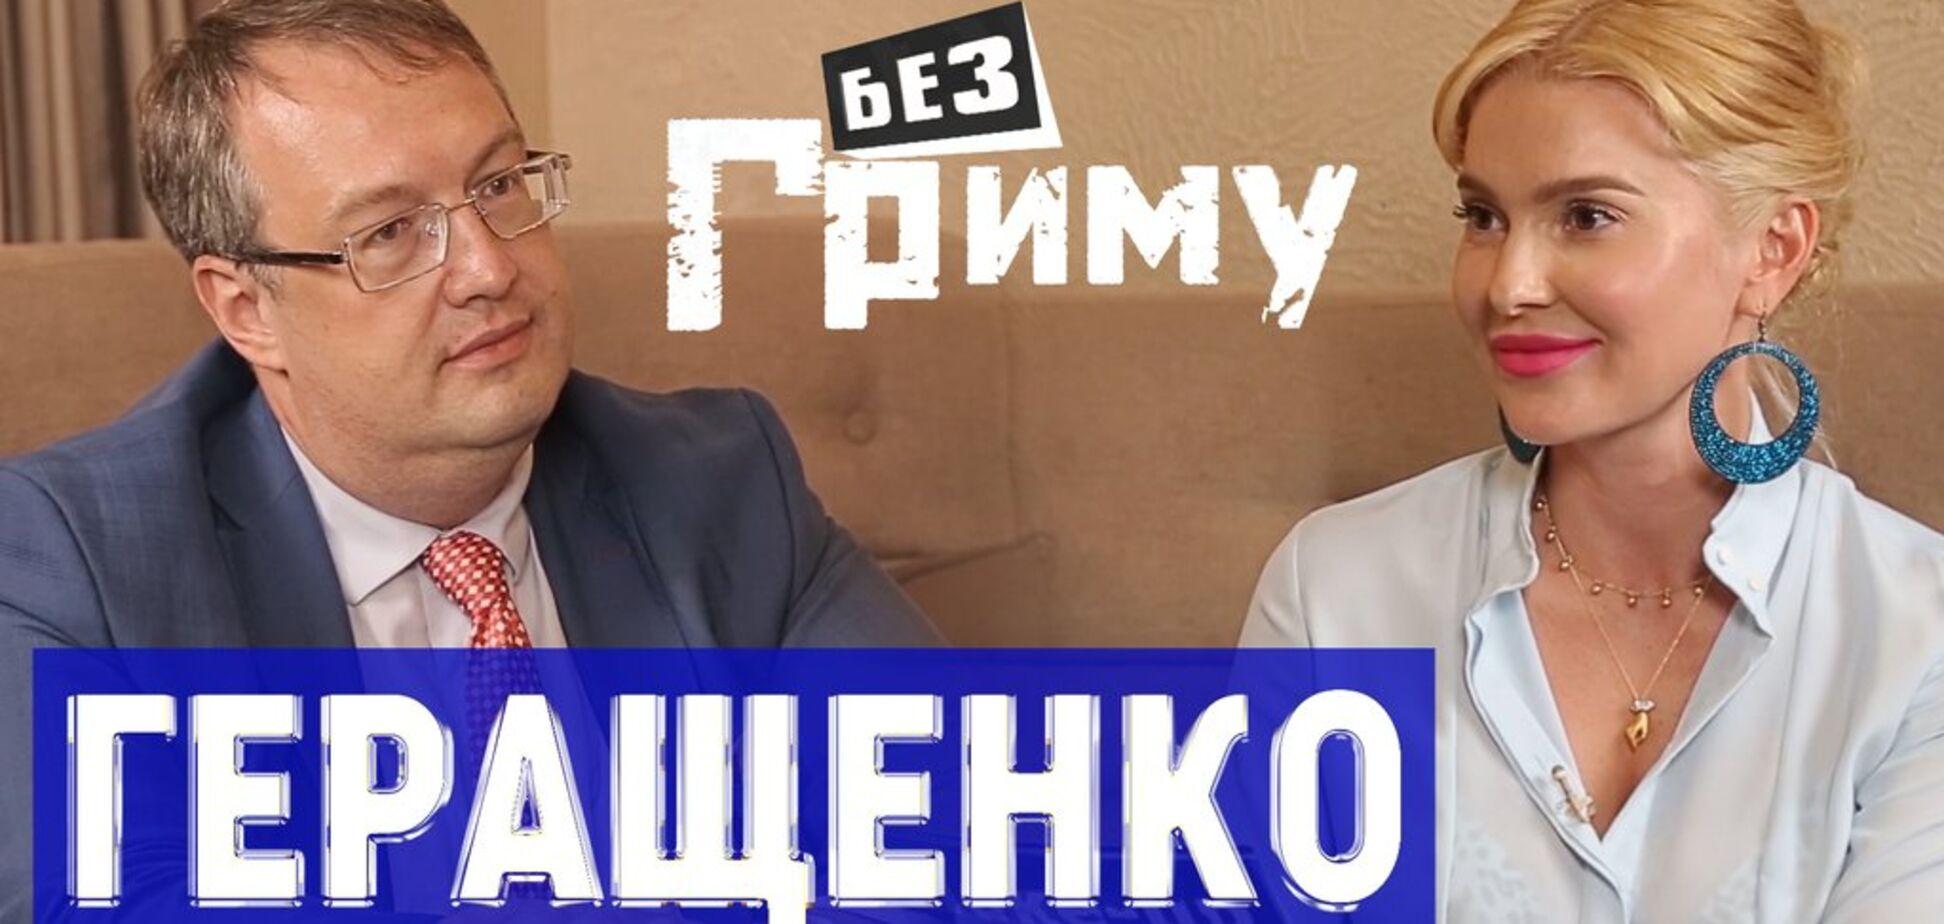 Крадій повинен сидіти у в'язниці – Антон Геращенко у бліц-шоу 'Без гриму'